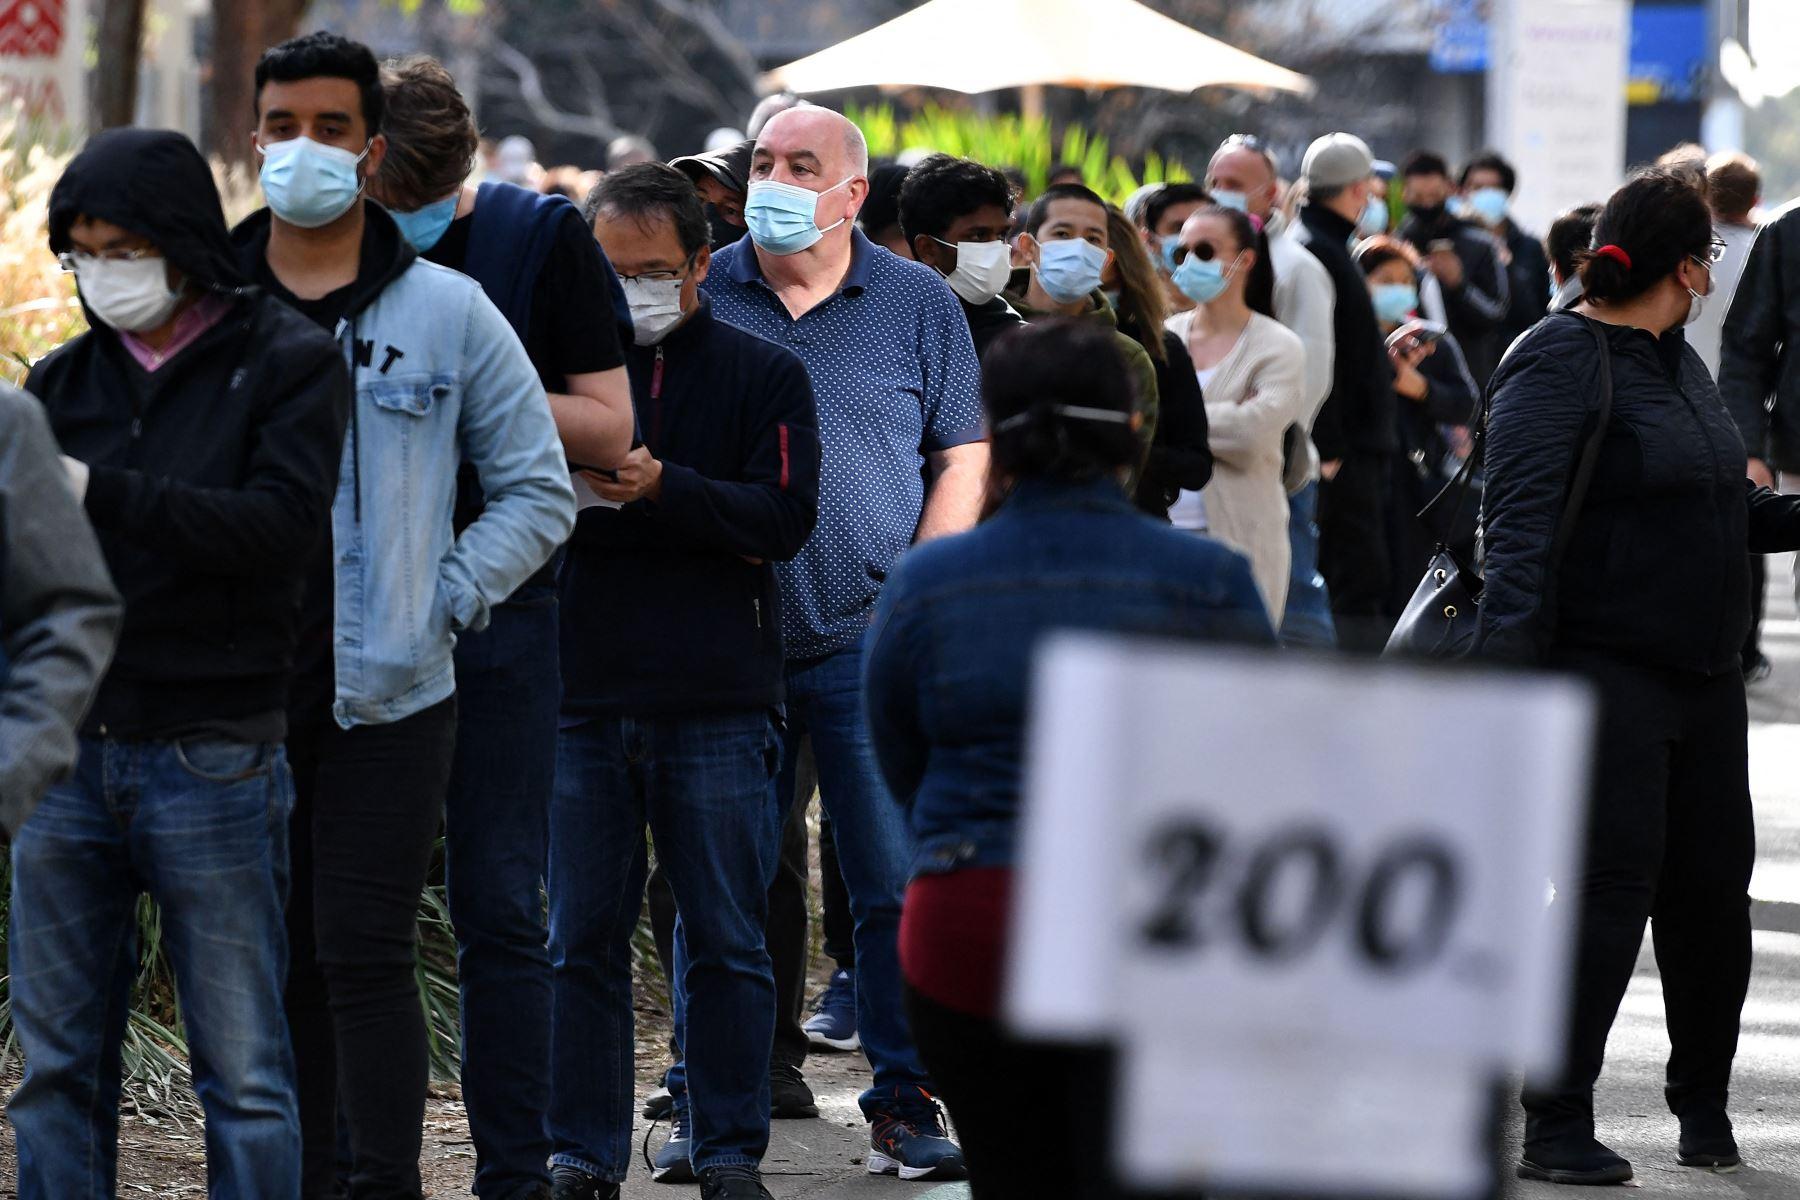 Los residentes hacen cola para recibir su dosis de la vacuna contra el coronavirus Covid-19 en el centro de vacunación Homebush en Sydney. Foto: AFP